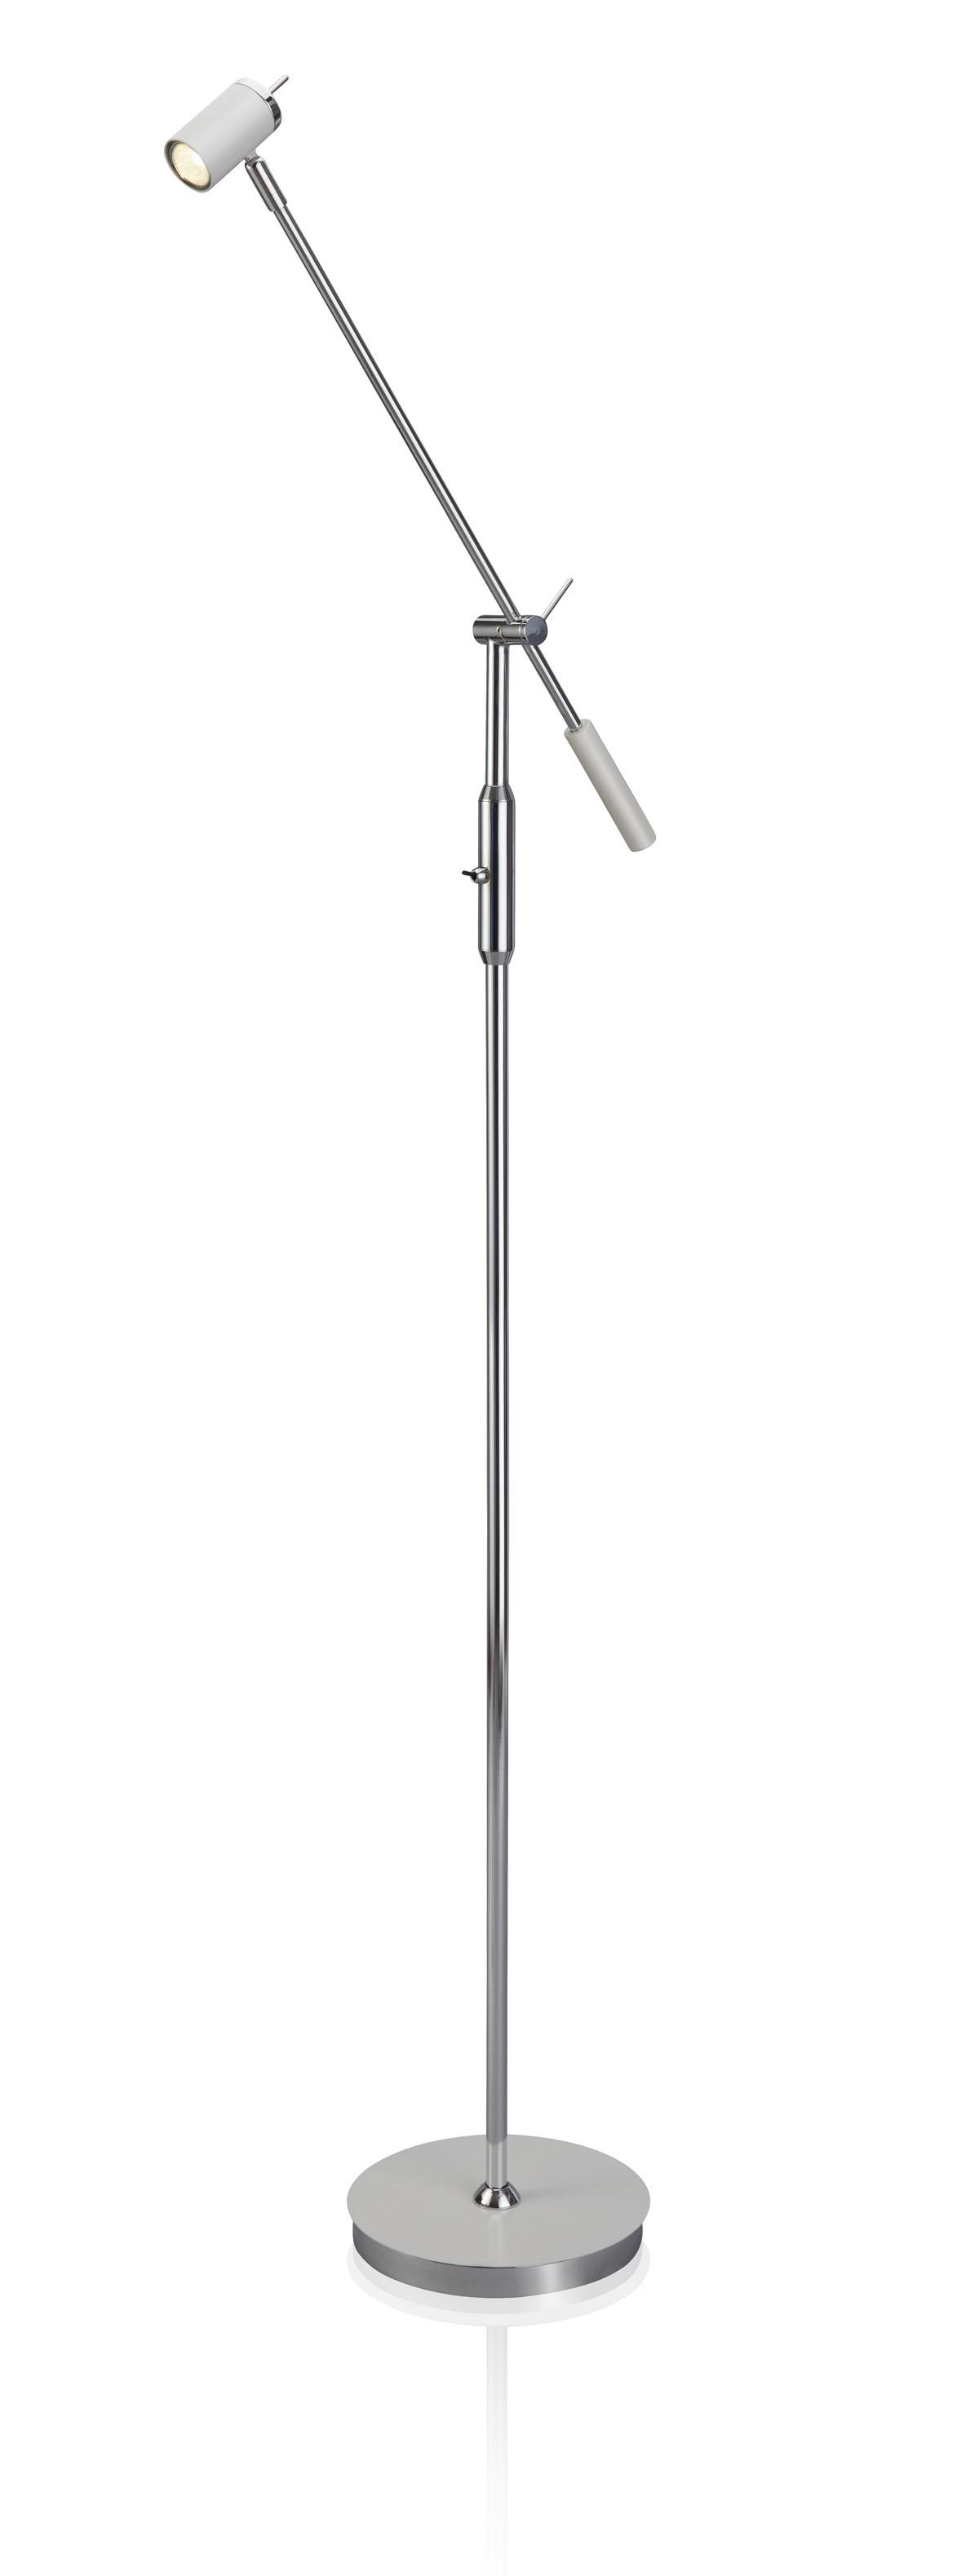 Напольный светильник MarkSLojd LOMMA 104160